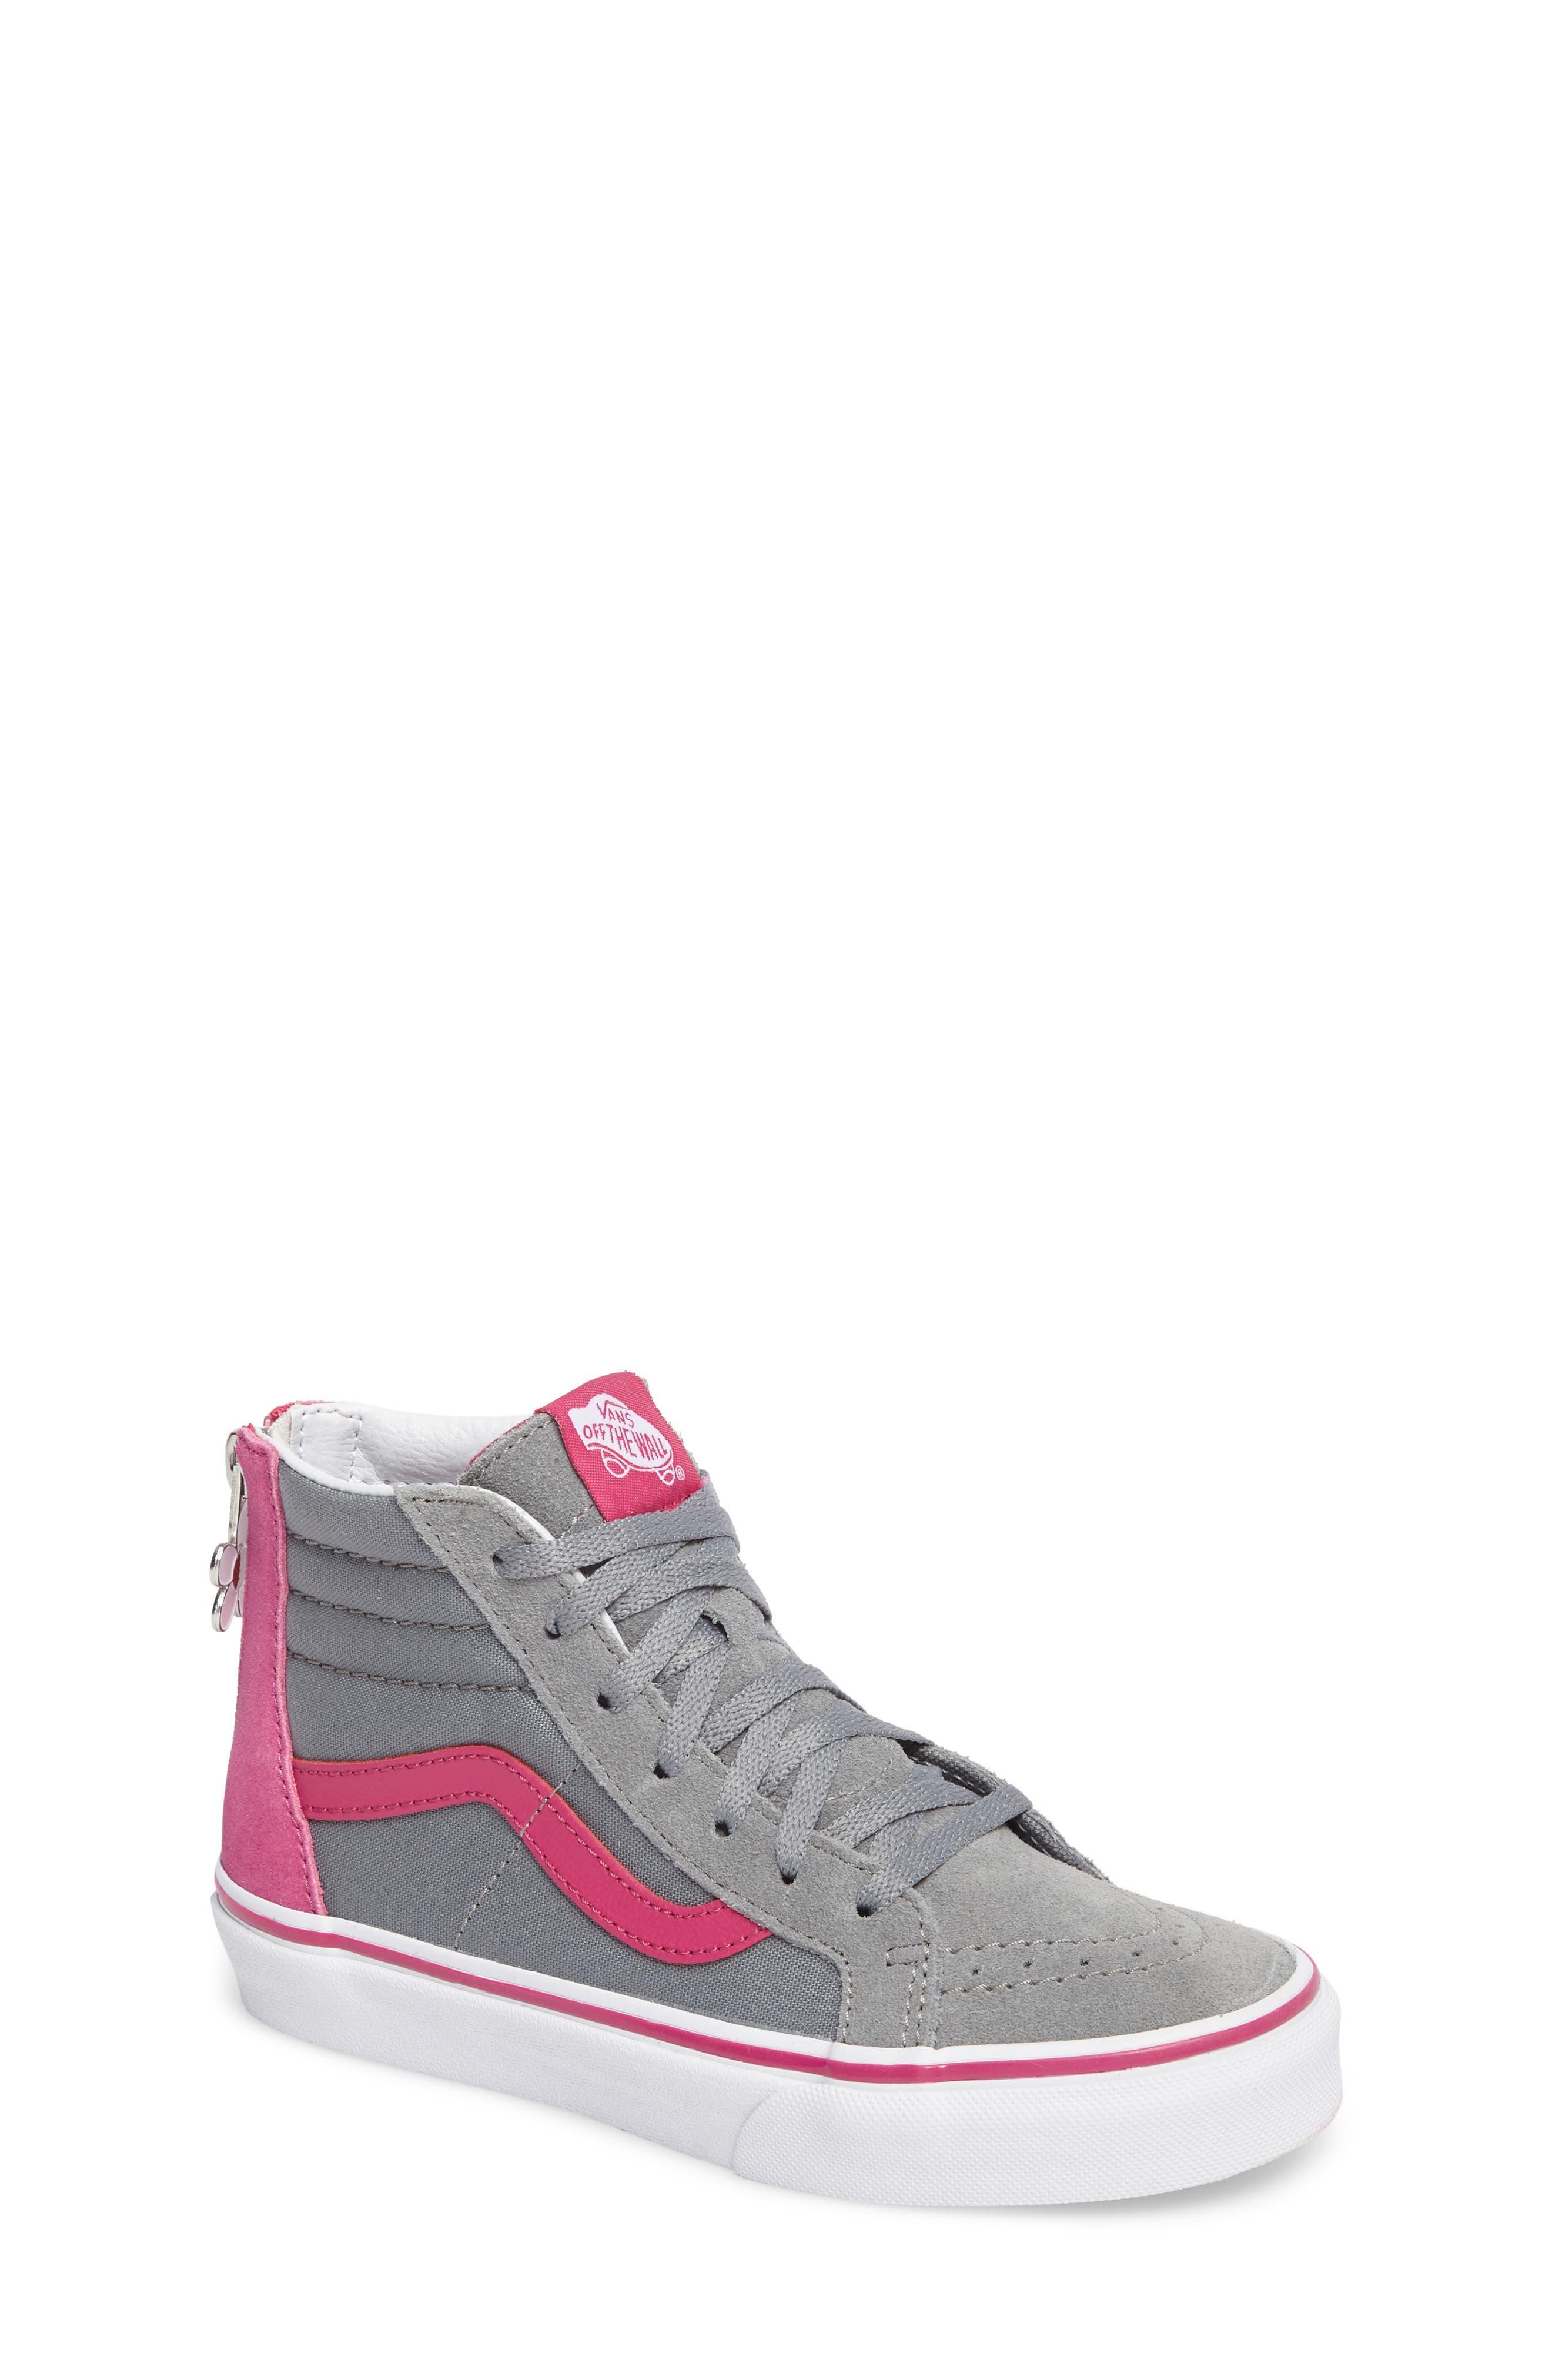 Main Image - Vans SK8-Hi Zip-Up Sneaker (Toddler, Little Kid & Big Kid)